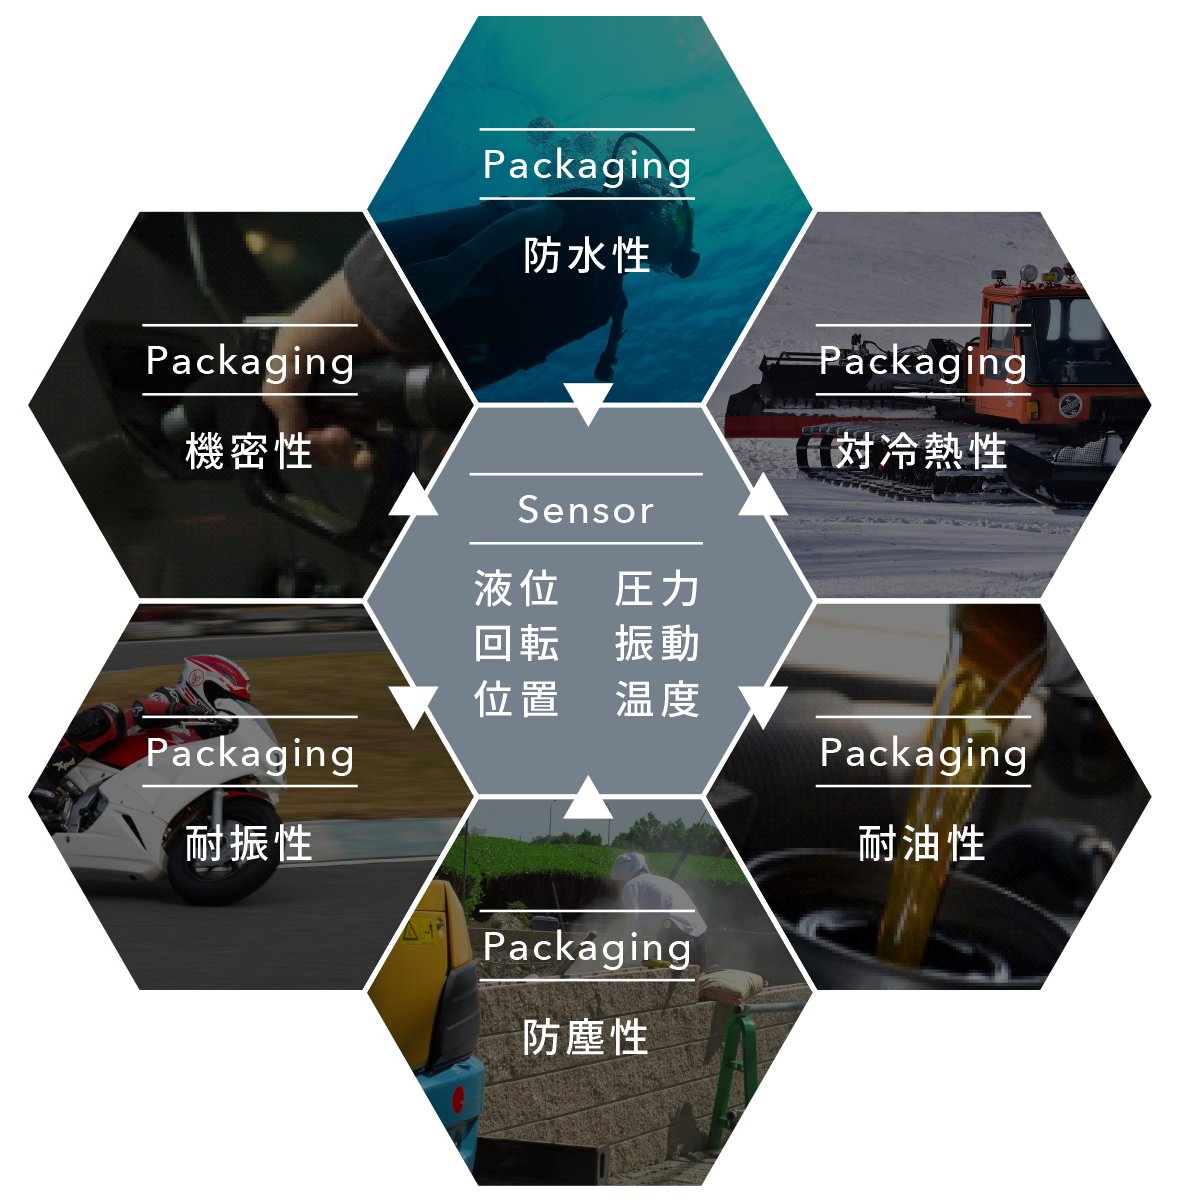 高度センサー技術をコアとした、産業用IoTシステムの構築をサポート